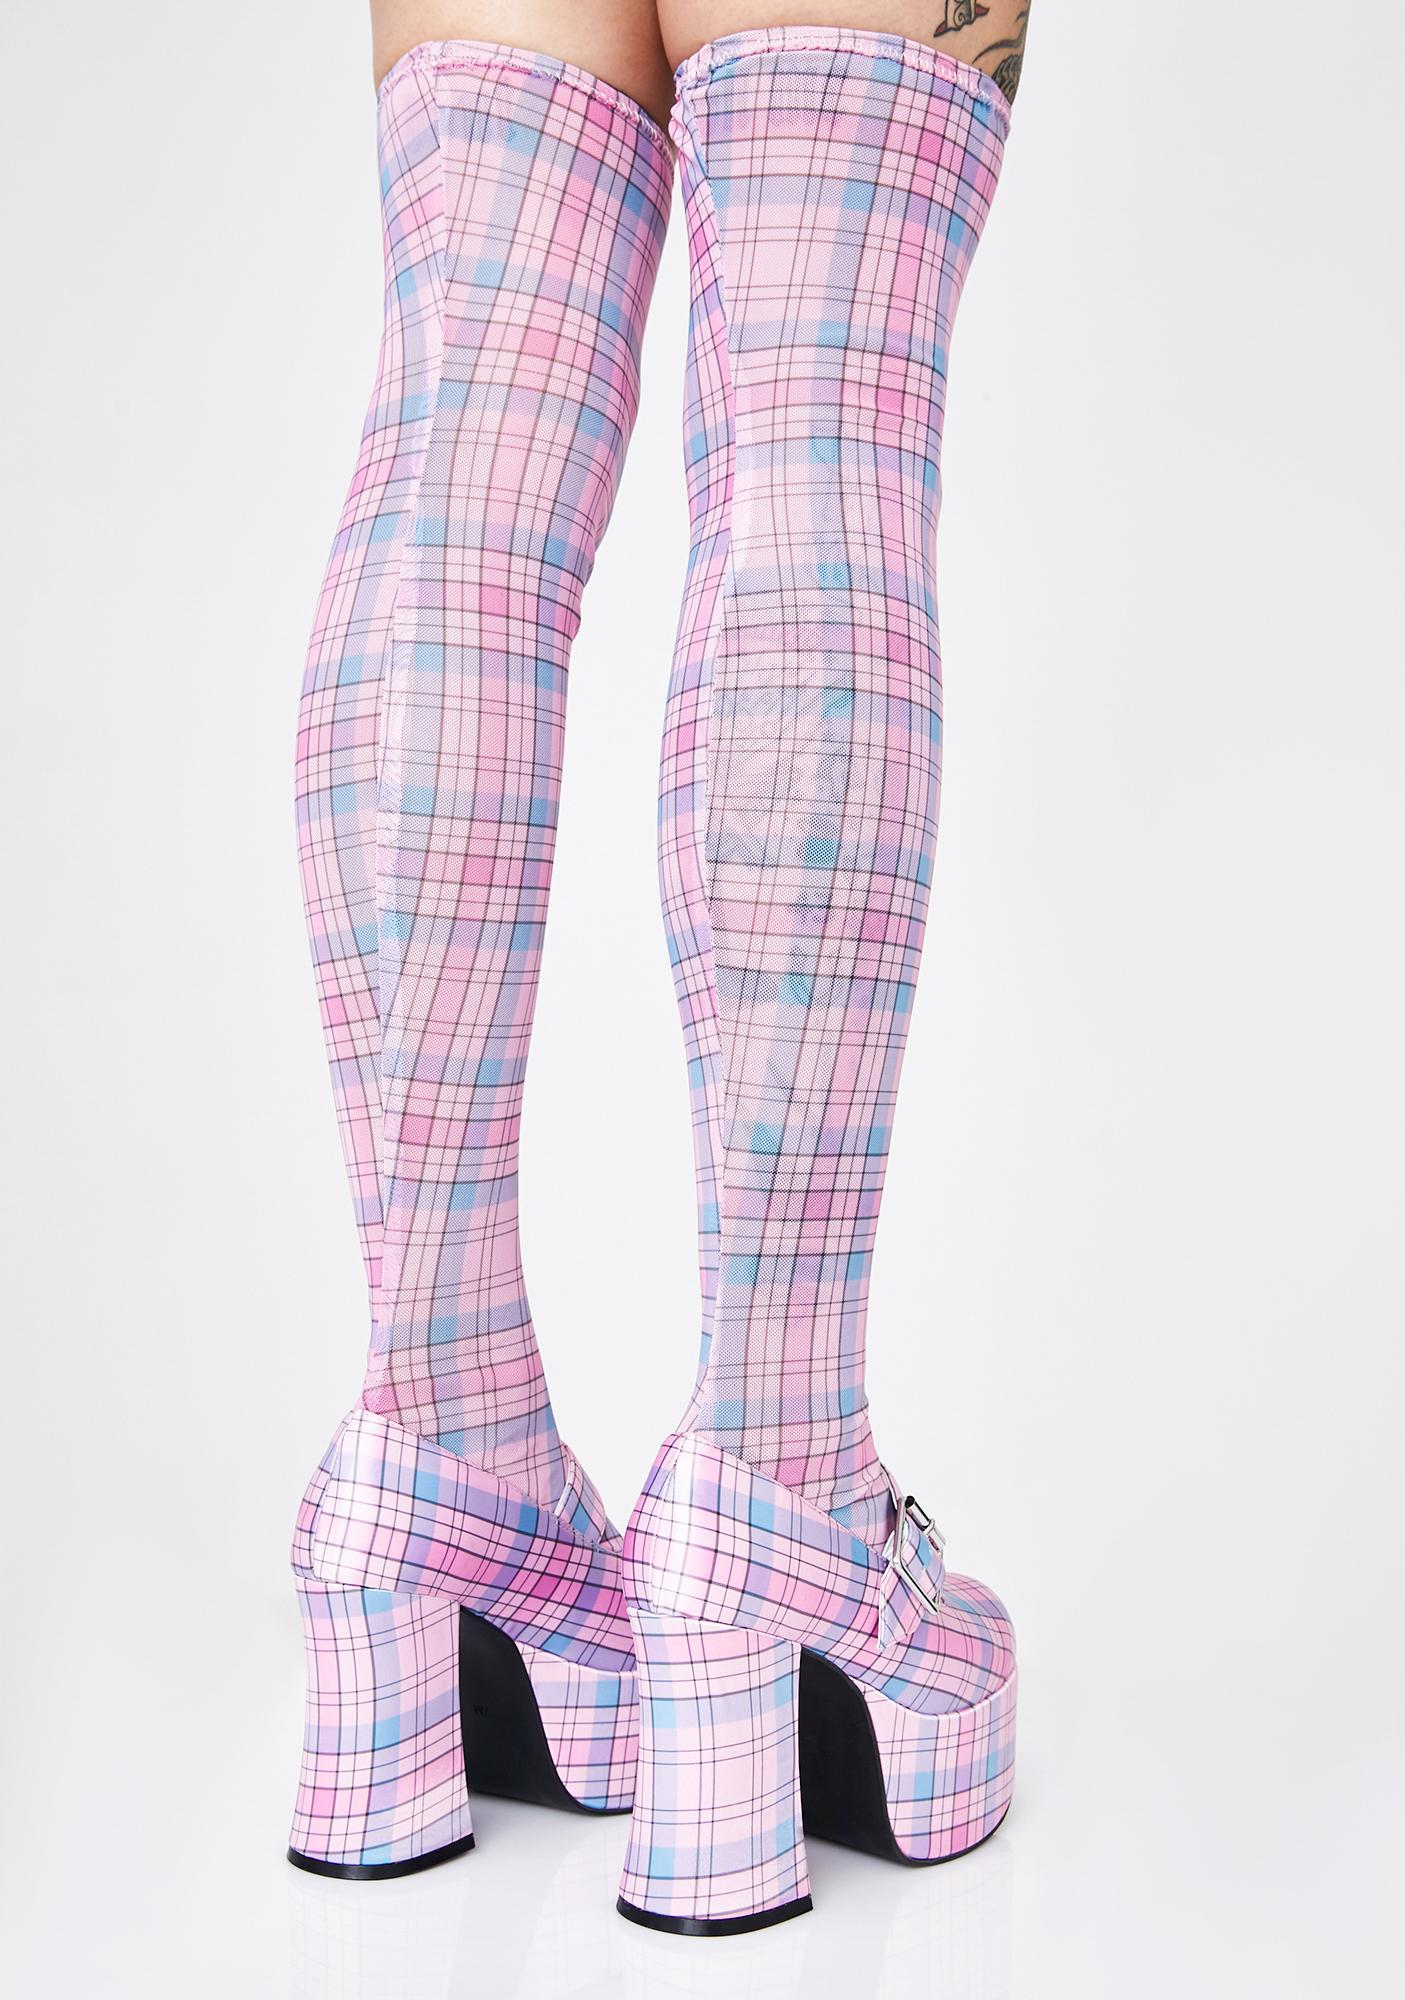 Sugar Thrillz Trust Fund Fairy Mary Jane Boots